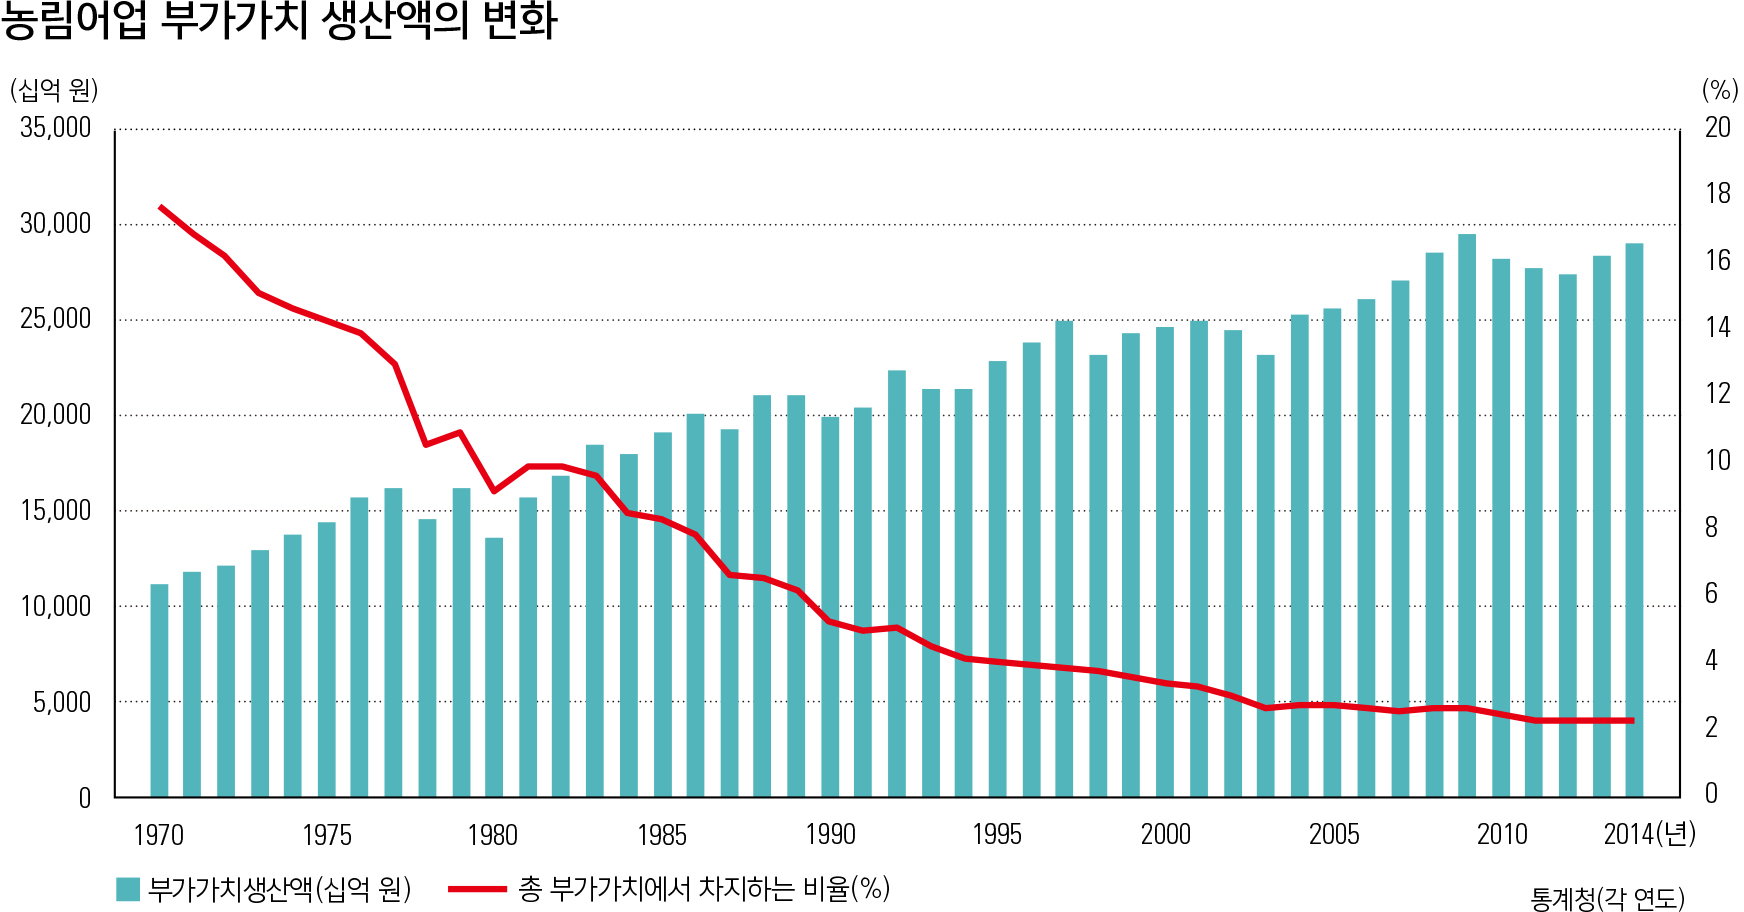 농림어업 부가가치 생산액의 변화